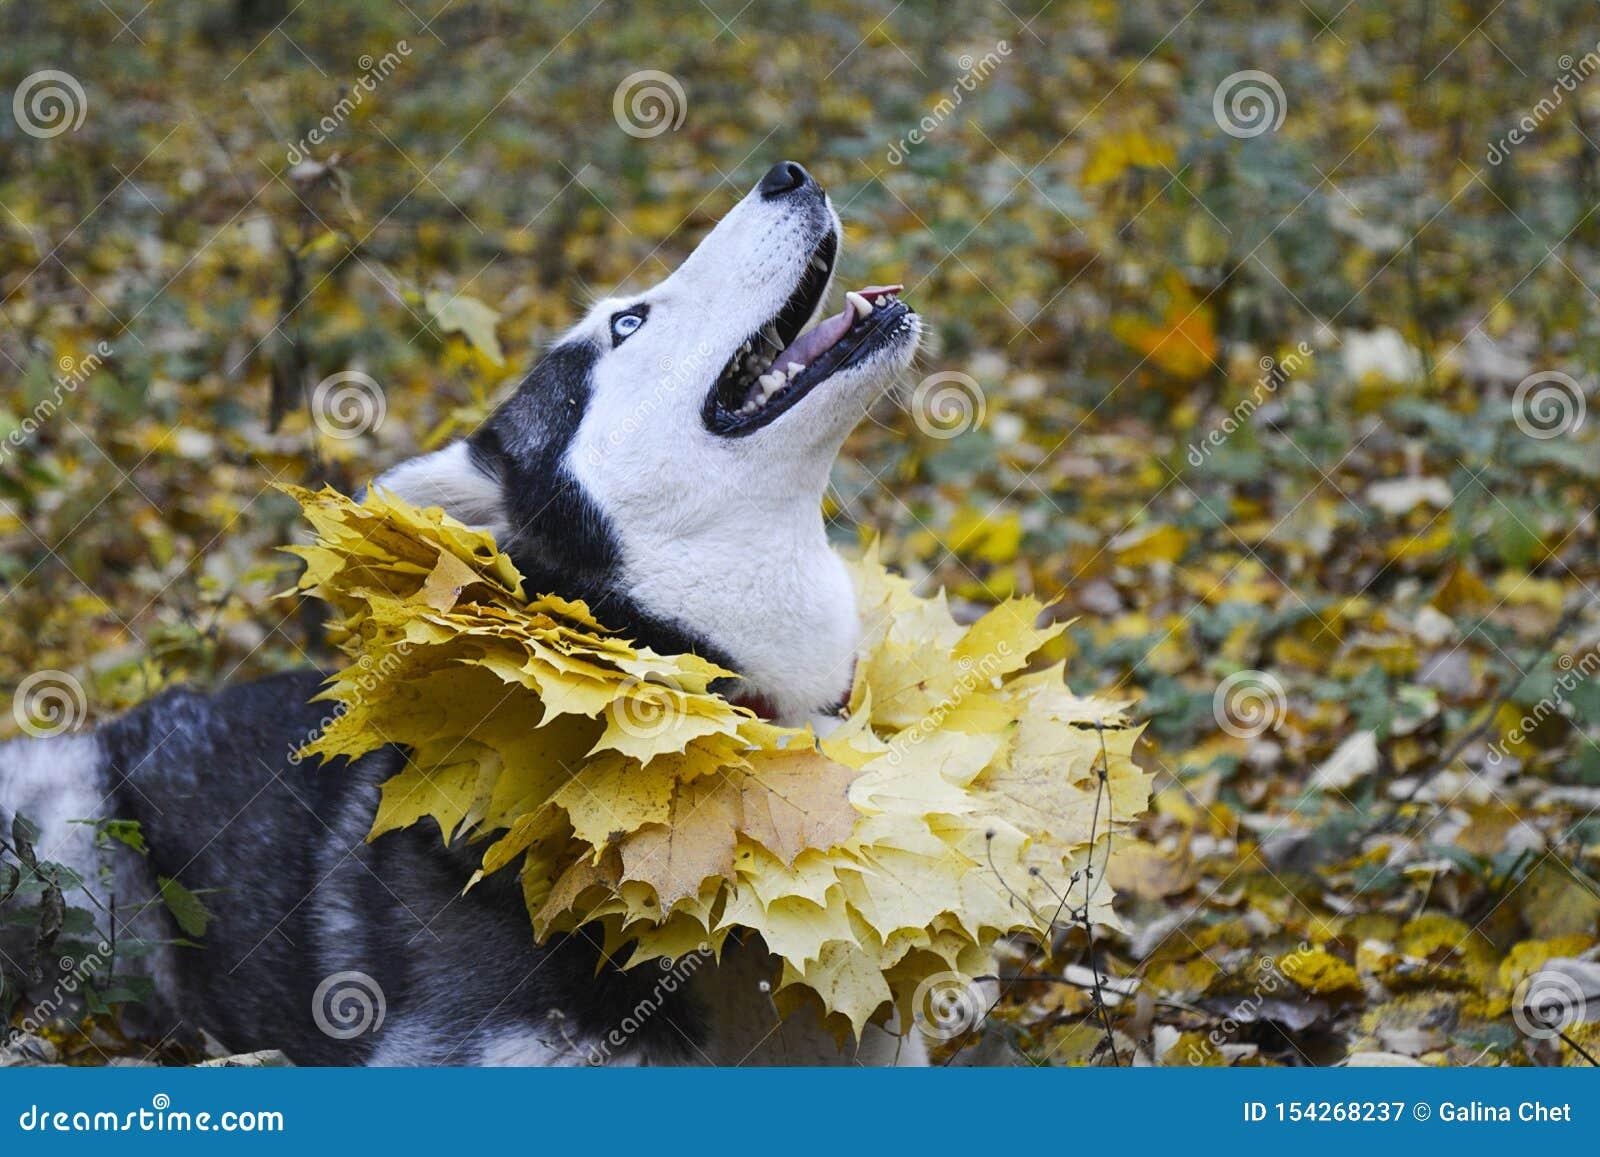 Herbst Weg im Wald mit einem Haustier